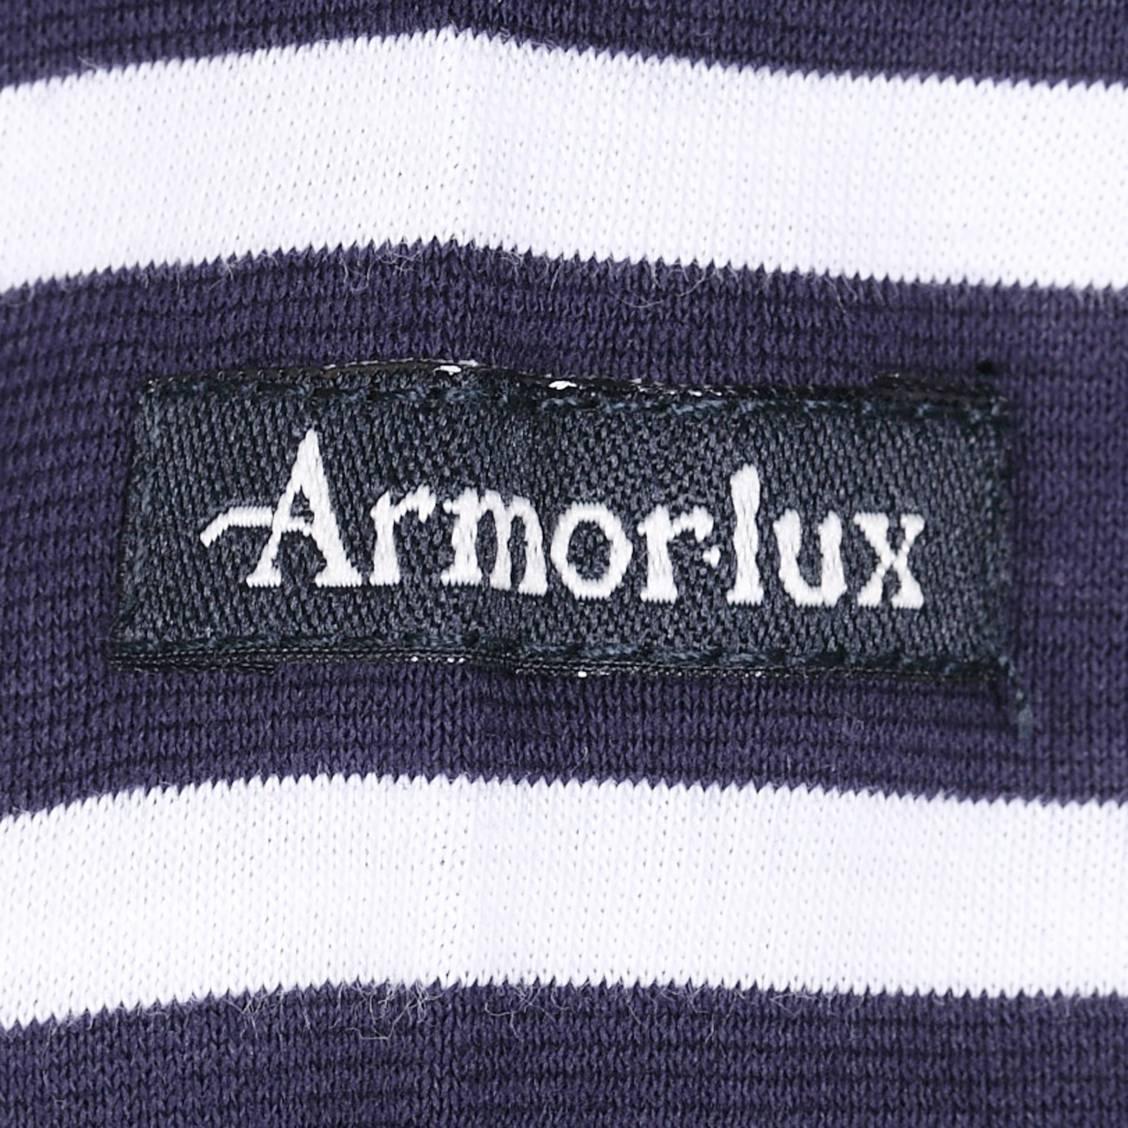 Marinière Armor Lux à manches courtes